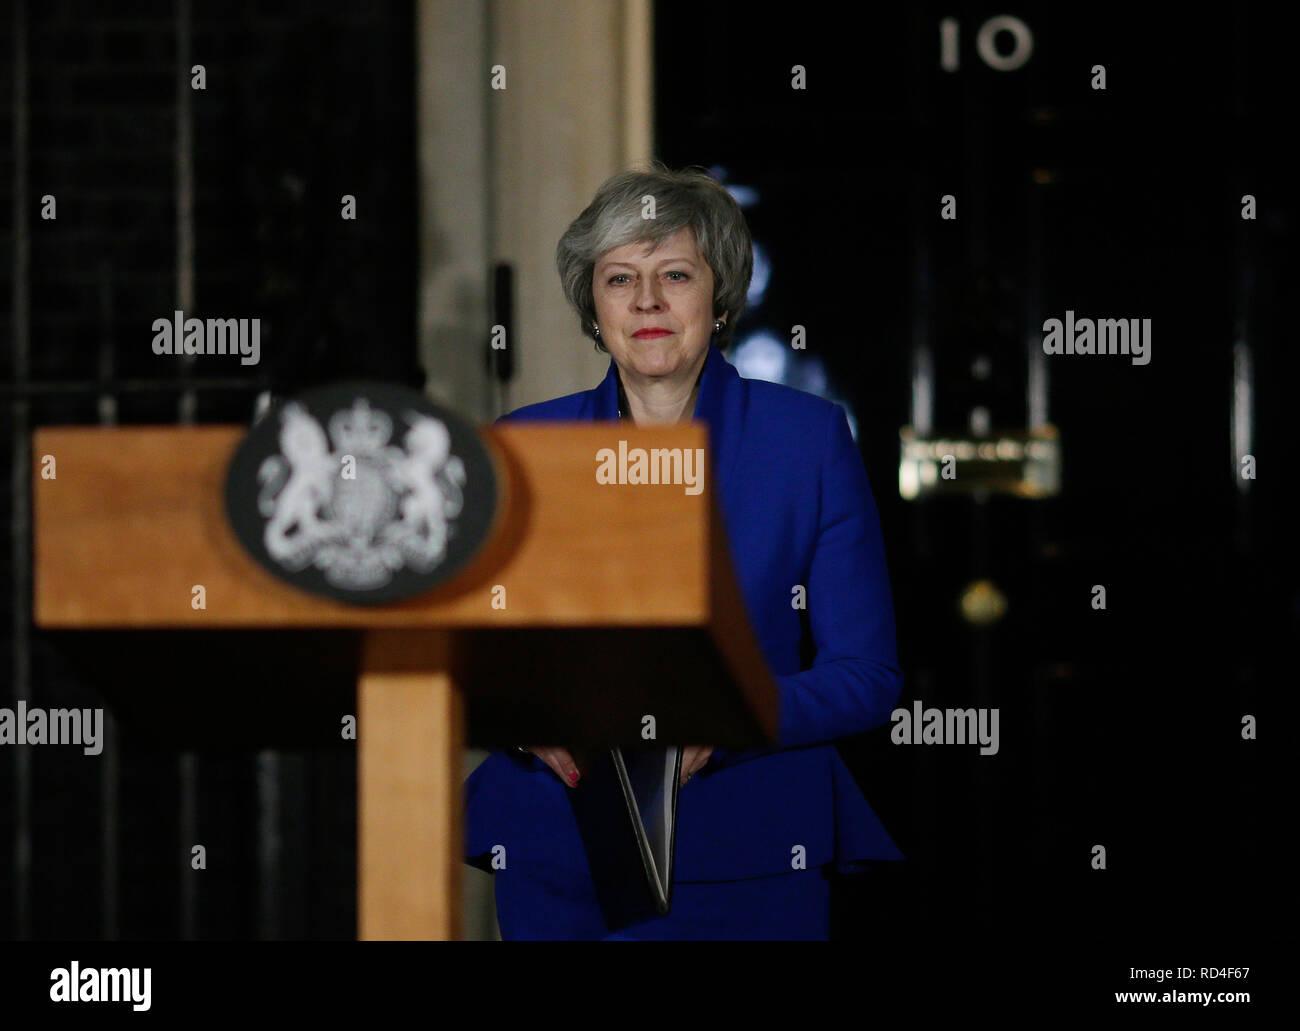 London, Londra, Regno Unito. 16 gennaio, 2019. Il Primo Ministro inglese Theresa Maggio si prepara a fare una dichiarazione al di fuori 10 di Downing Street a Londra, Gran Bretagna il 16 gennaio 2019. Il governo britannico è sopravvissuta a una sfiducia al Parlamento mercoledì, un giorno dopo aver subito un record di trattativa Brexit voto sconfitta. Credito: Tim Irlanda/Xinhua/Alamy Live News Immagini Stock